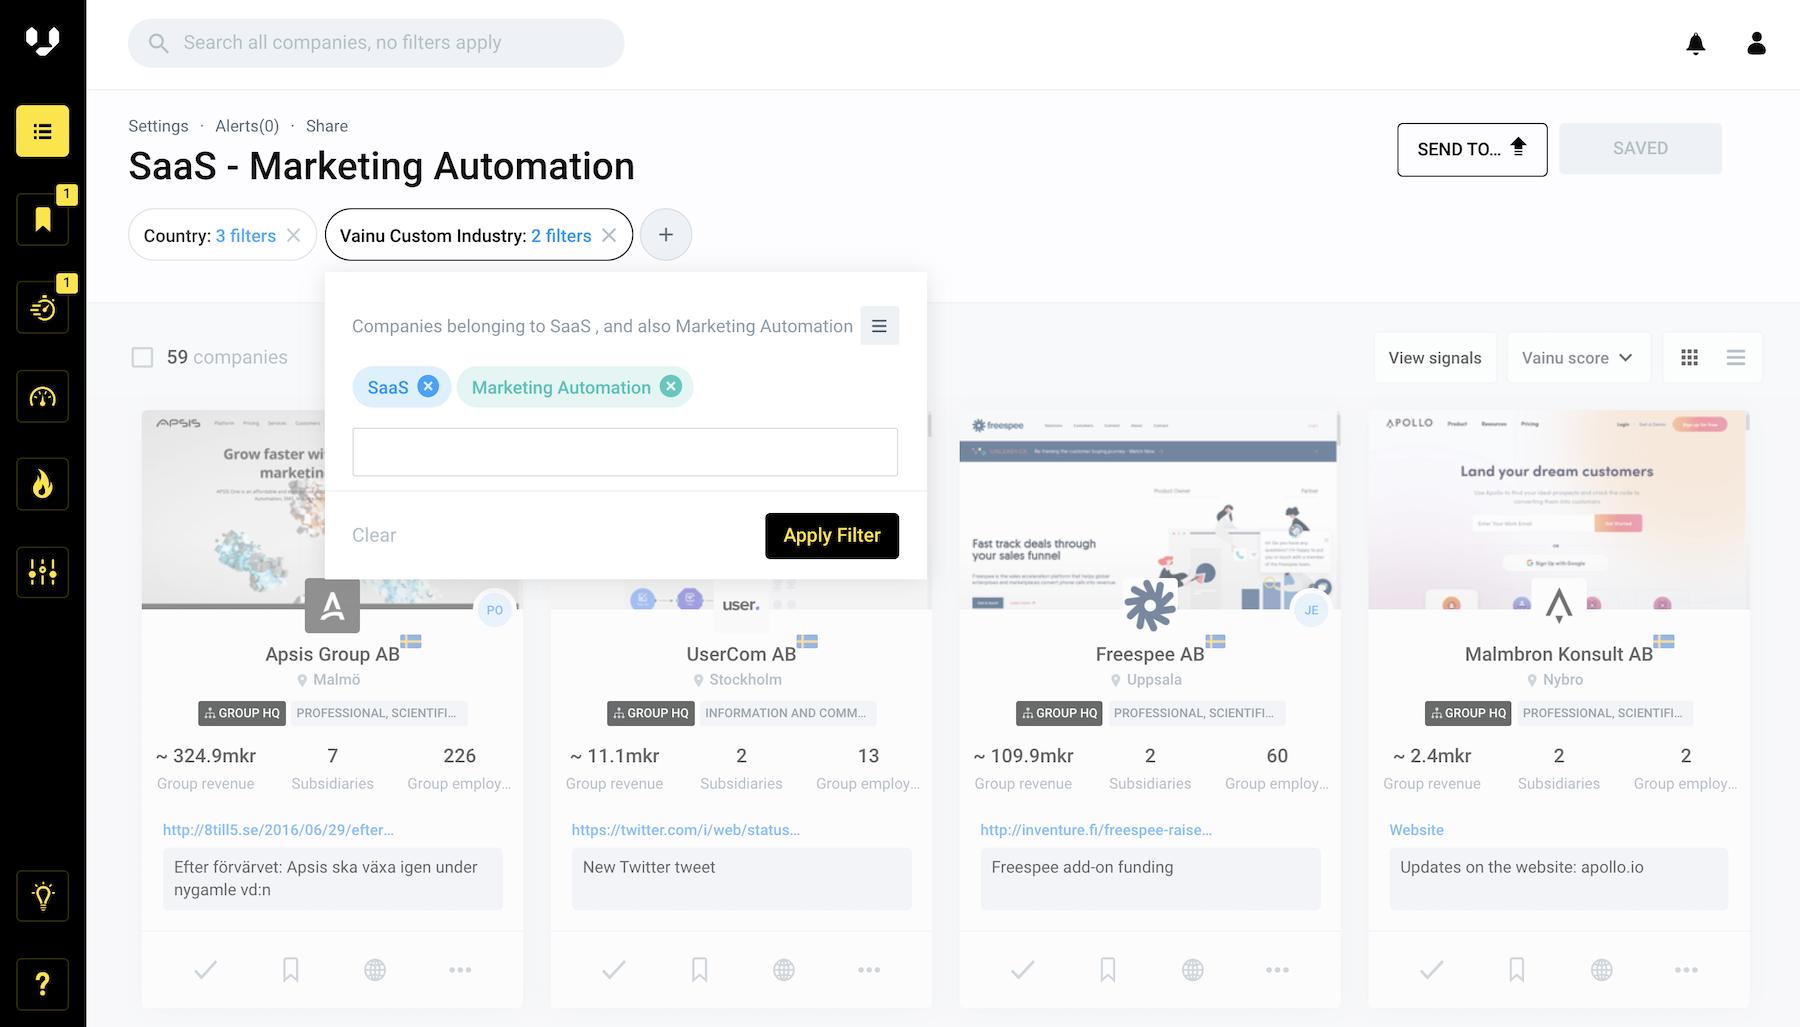 SaaS - Marketing Automation